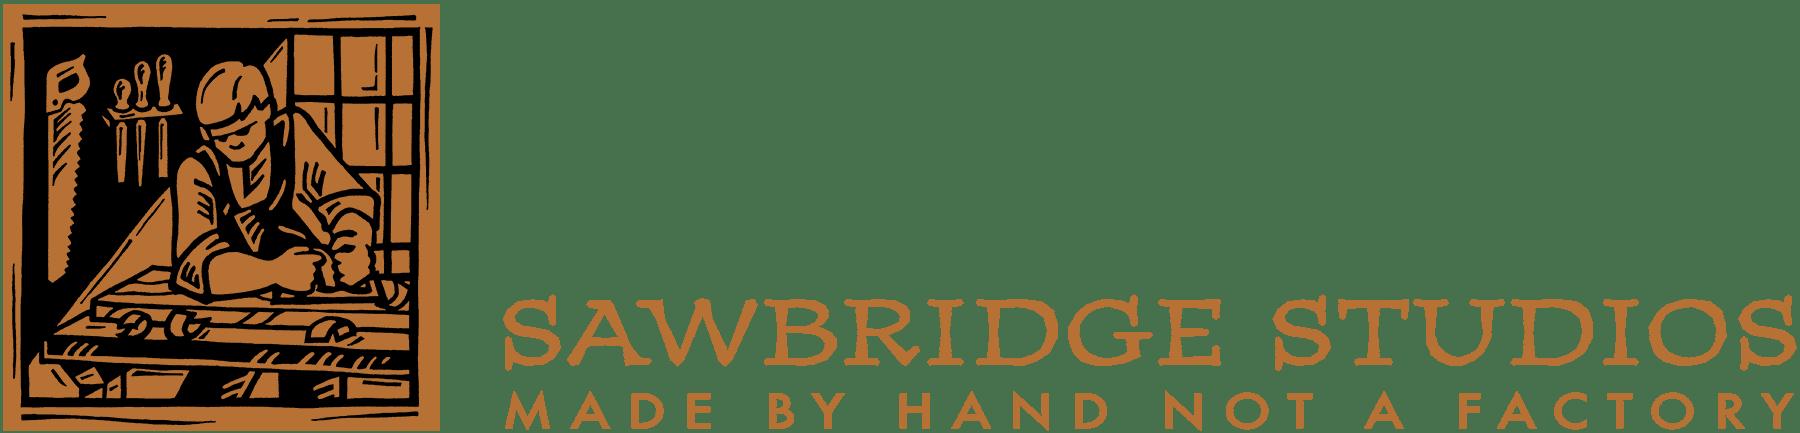 Sawbridge Studios